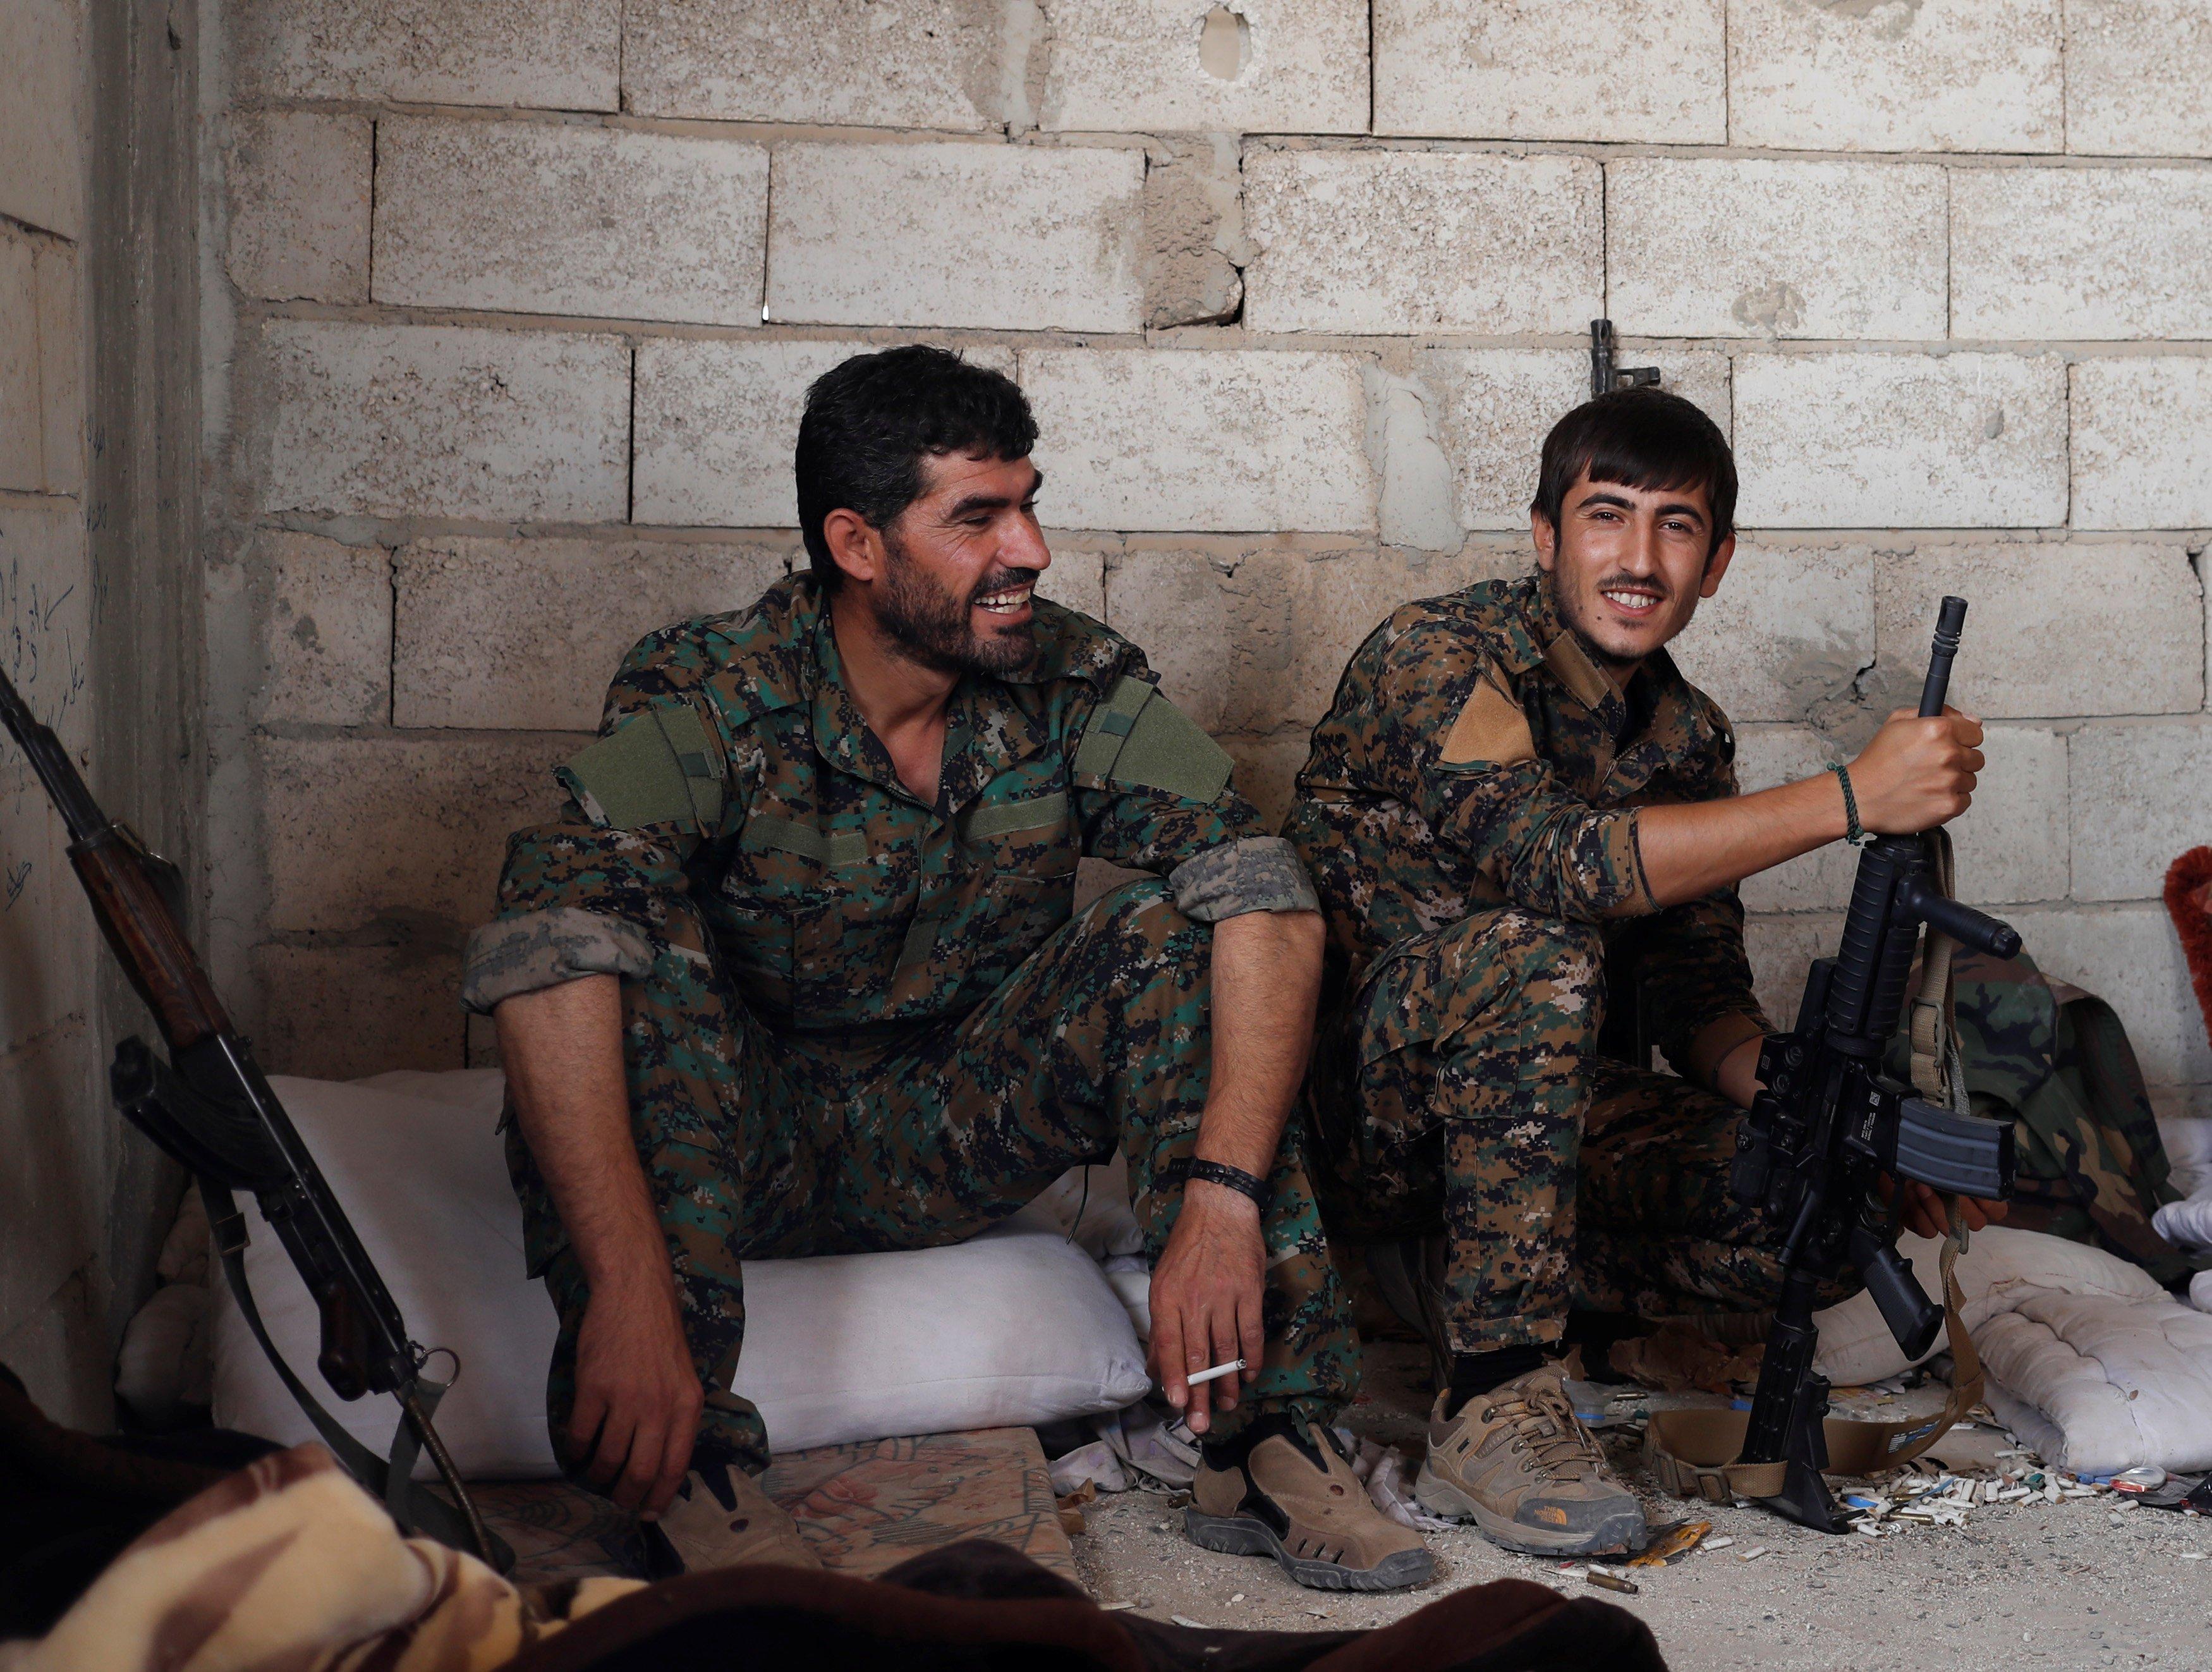 ABD'nin verdiği silahlar Türkiye'ye karşı kullanılıyor Türkiye'ye karşı ABD'nin verdiği silahlar kullanılıyor abdnin verdigi silahlar turkiyeye karsi kullaniliyor 1